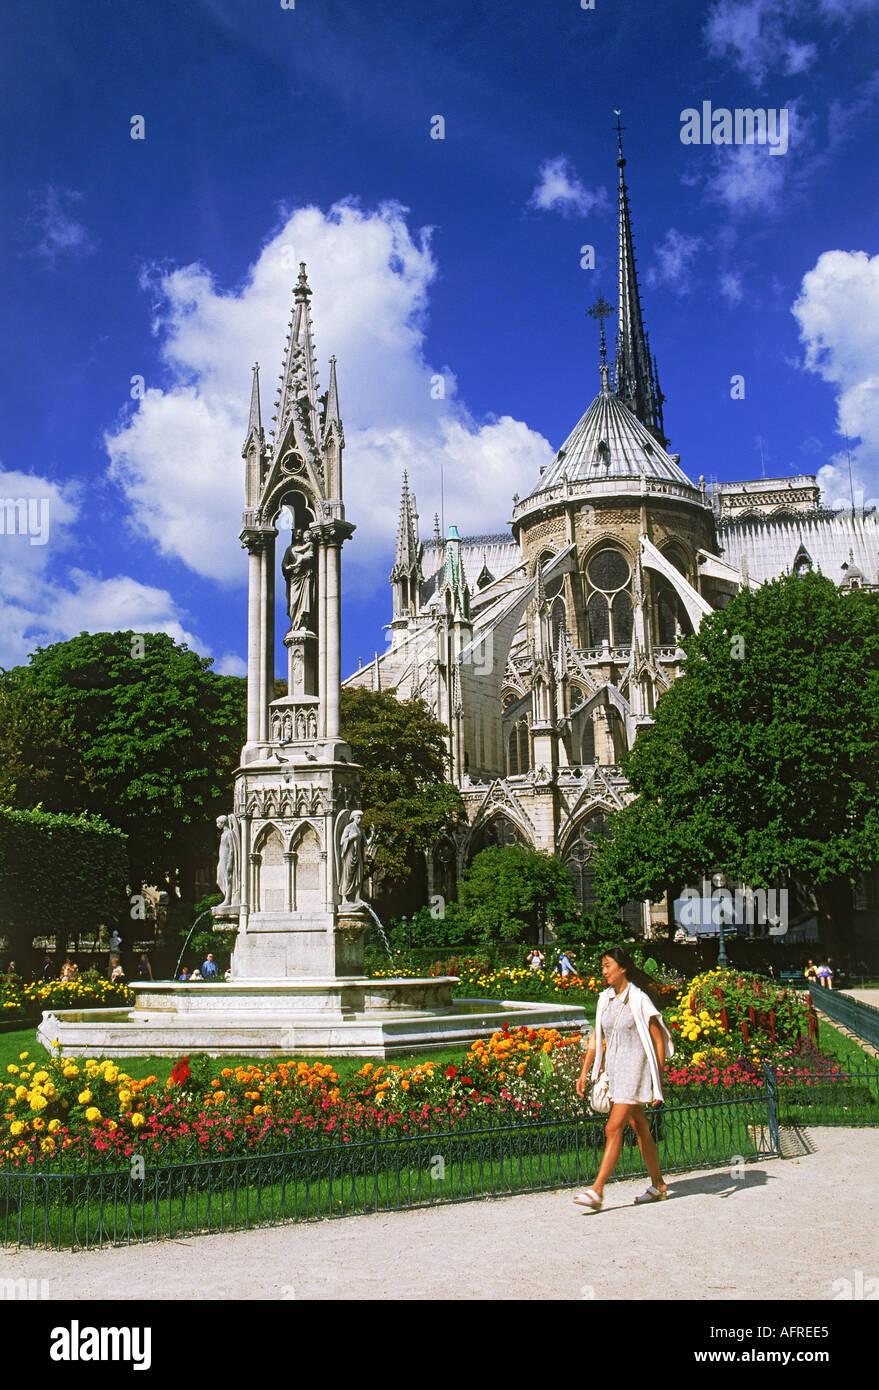 Woman passing gardens on Ile de la Cite with Notre Dame in Paris - Stock Image